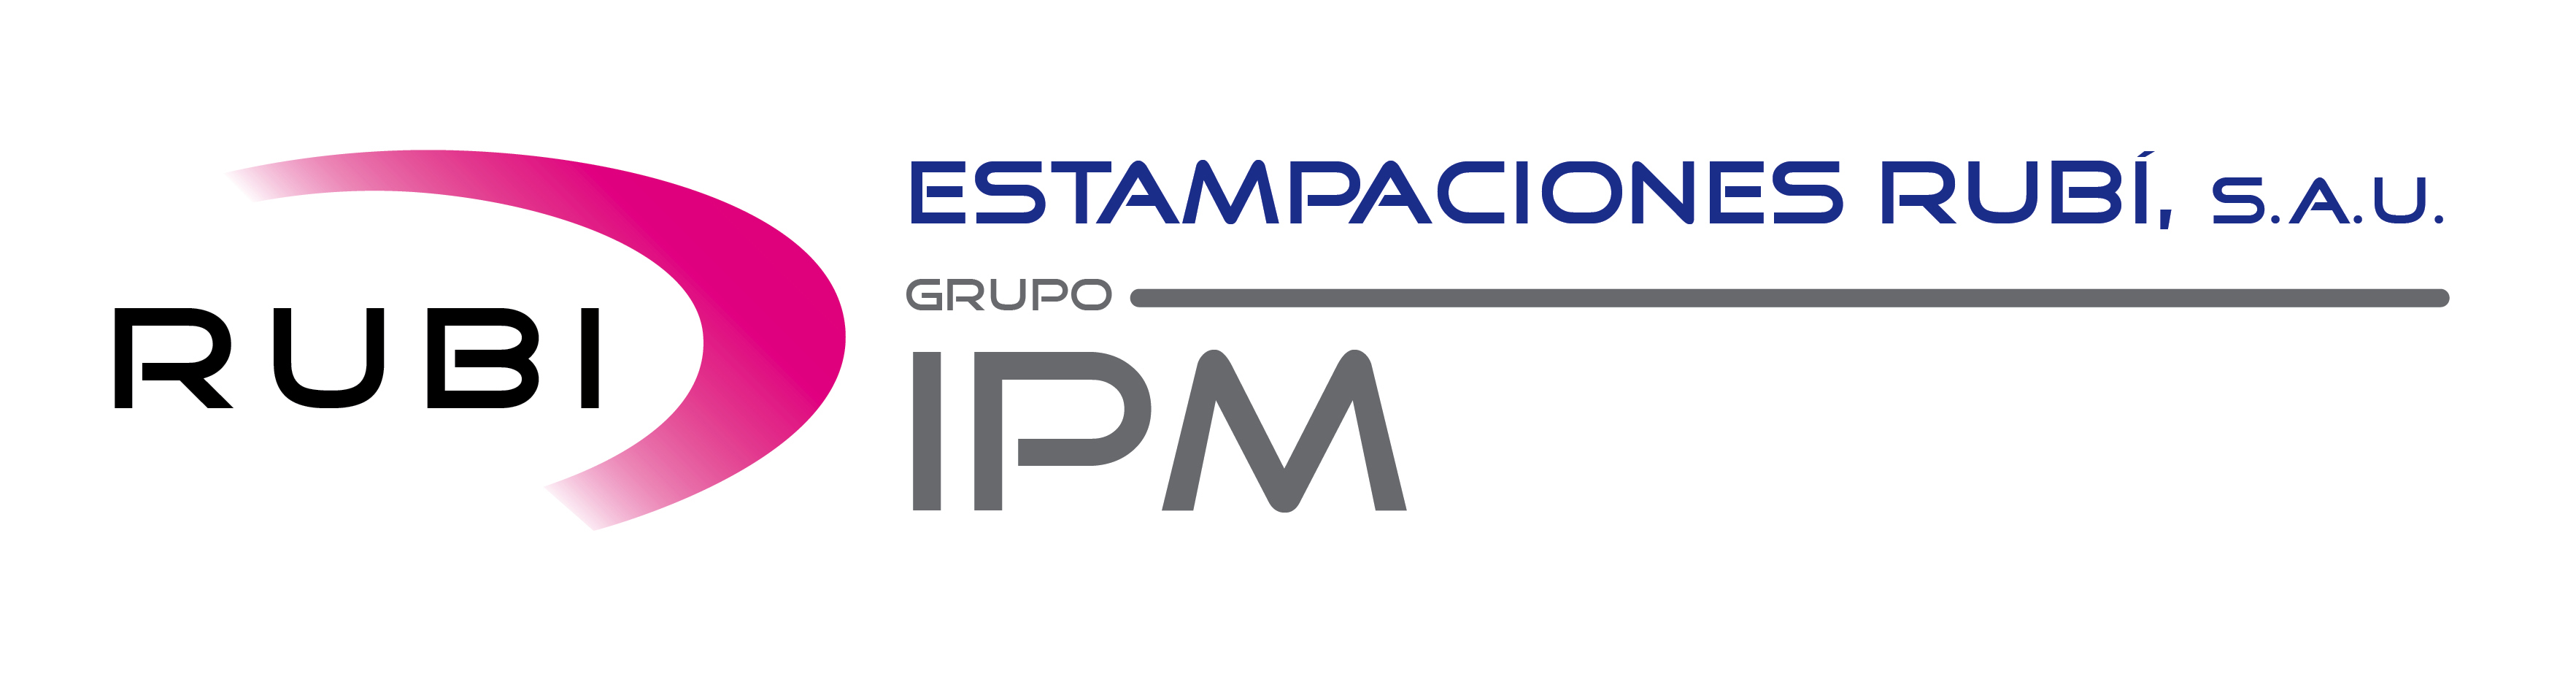 Logo Estampaciones Rubi